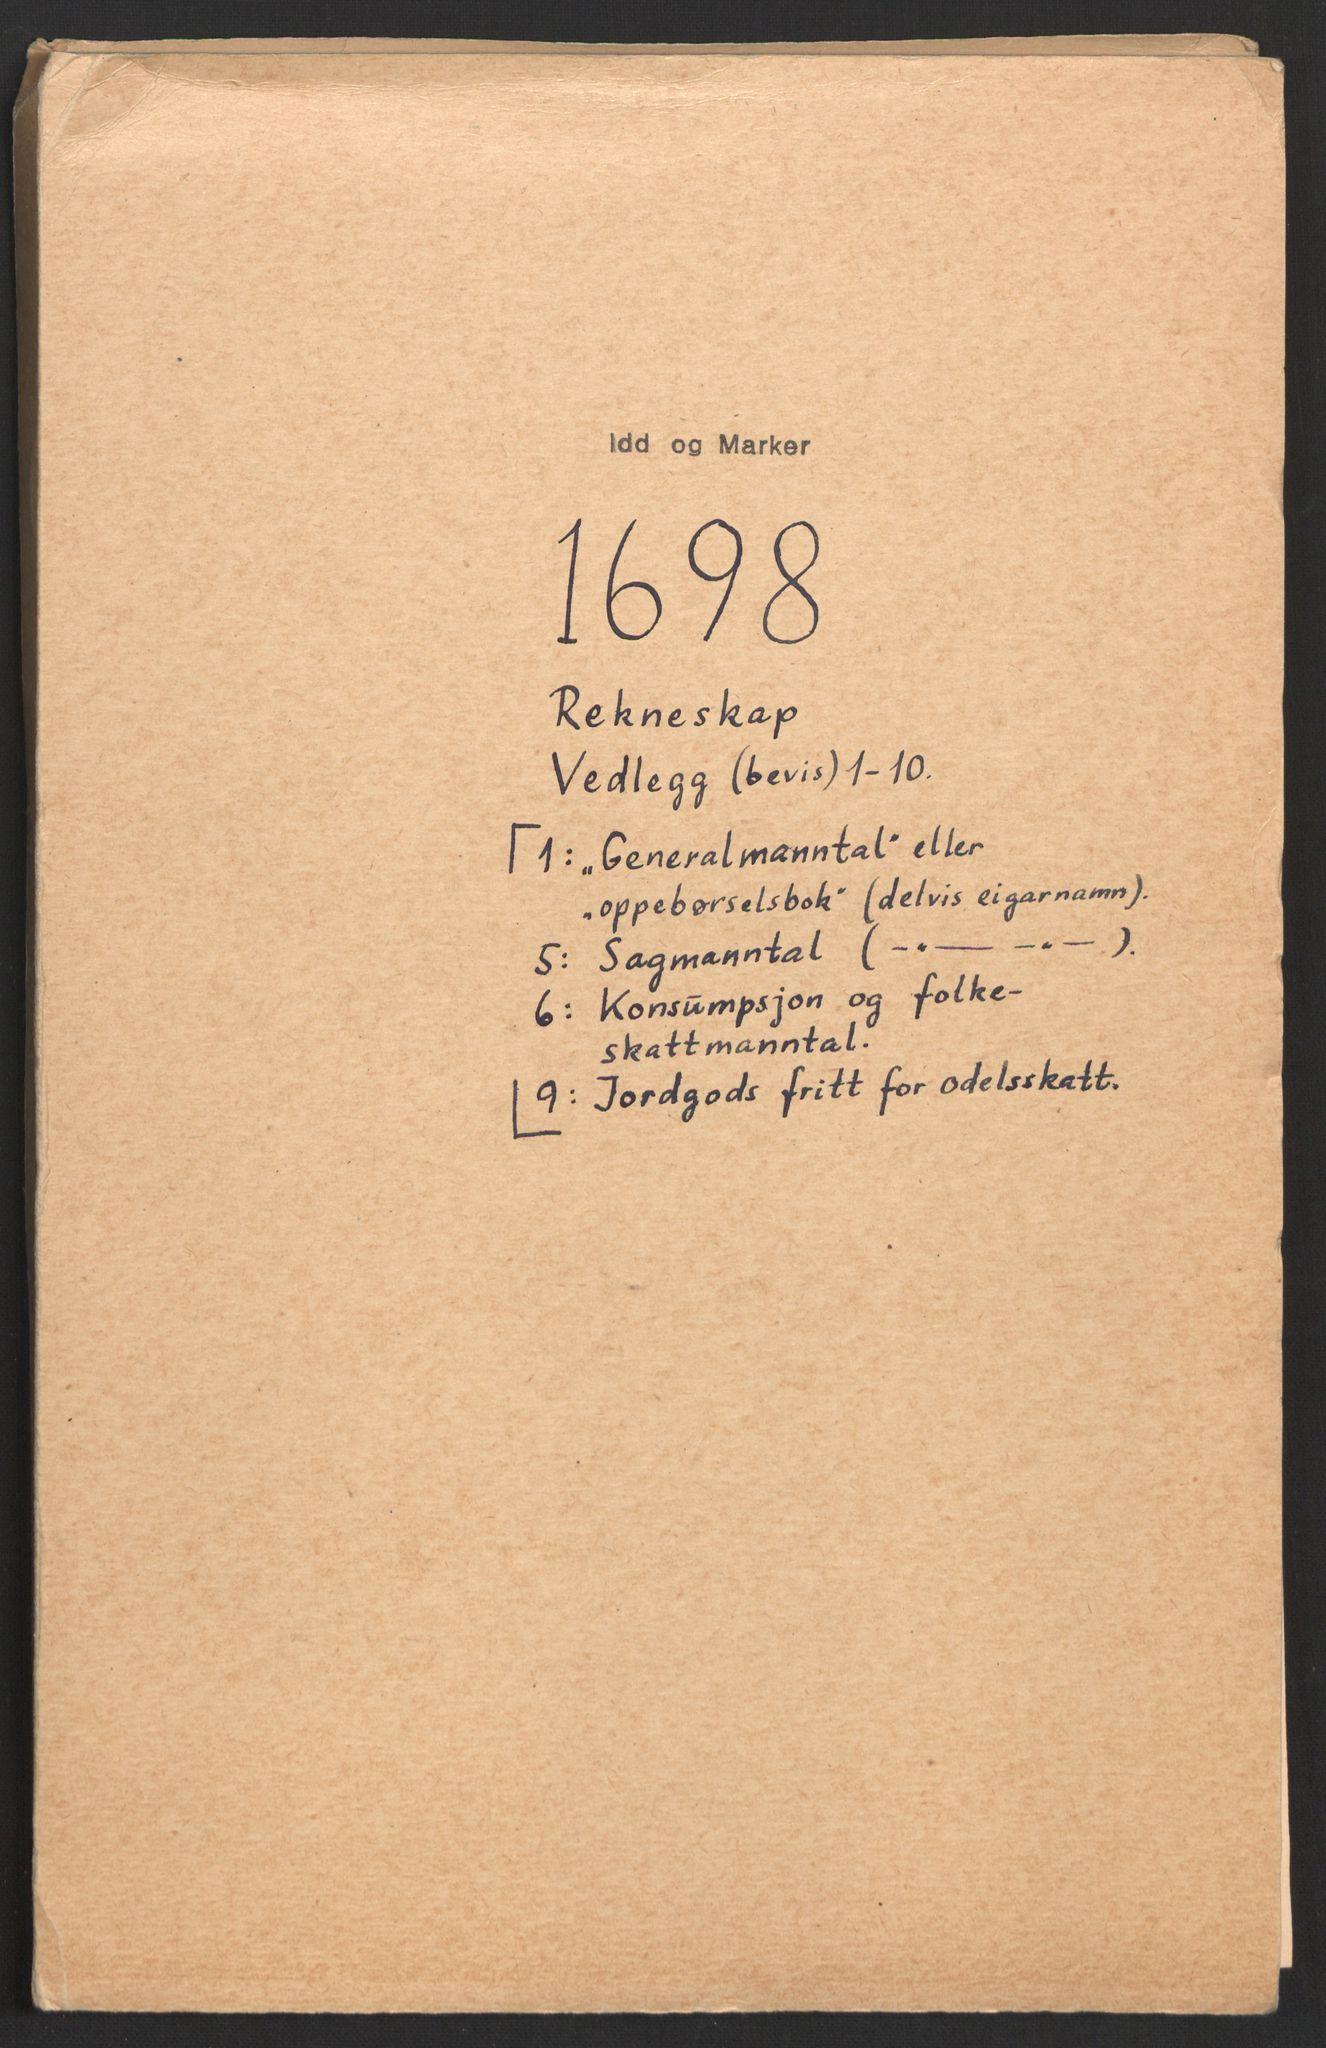 RA, Rentekammeret inntil 1814, Reviderte regnskaper, Fogderegnskap, R01/L0013: Fogderegnskap Idd og Marker, 1696-1698, s. 275